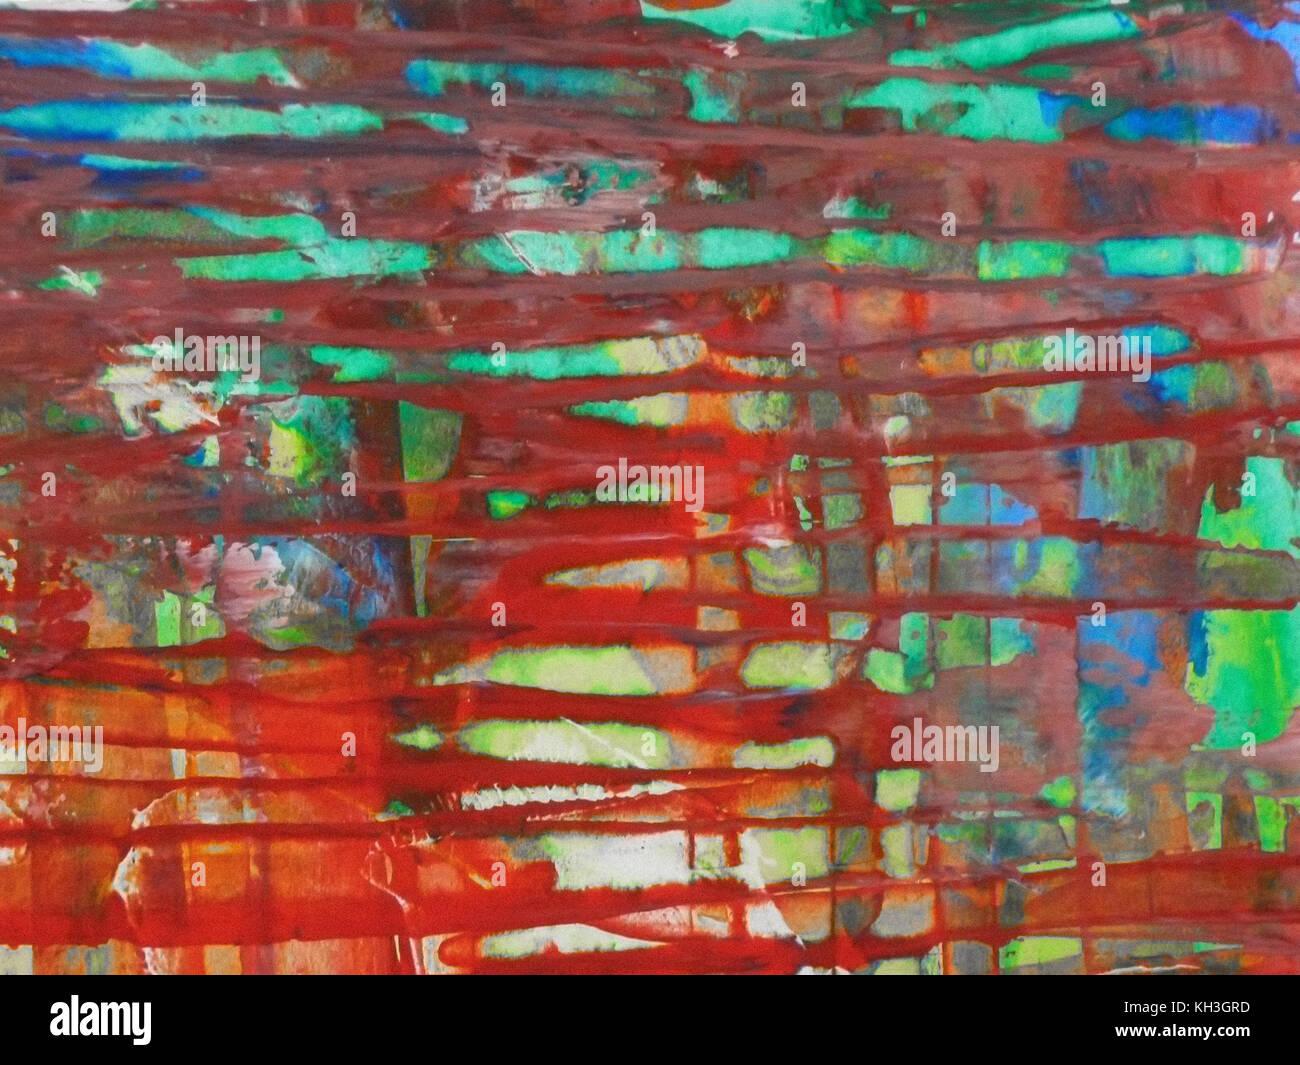 Fait Avec De La Peinture Acrylique Sur Carton Arts Abstrait Arrière